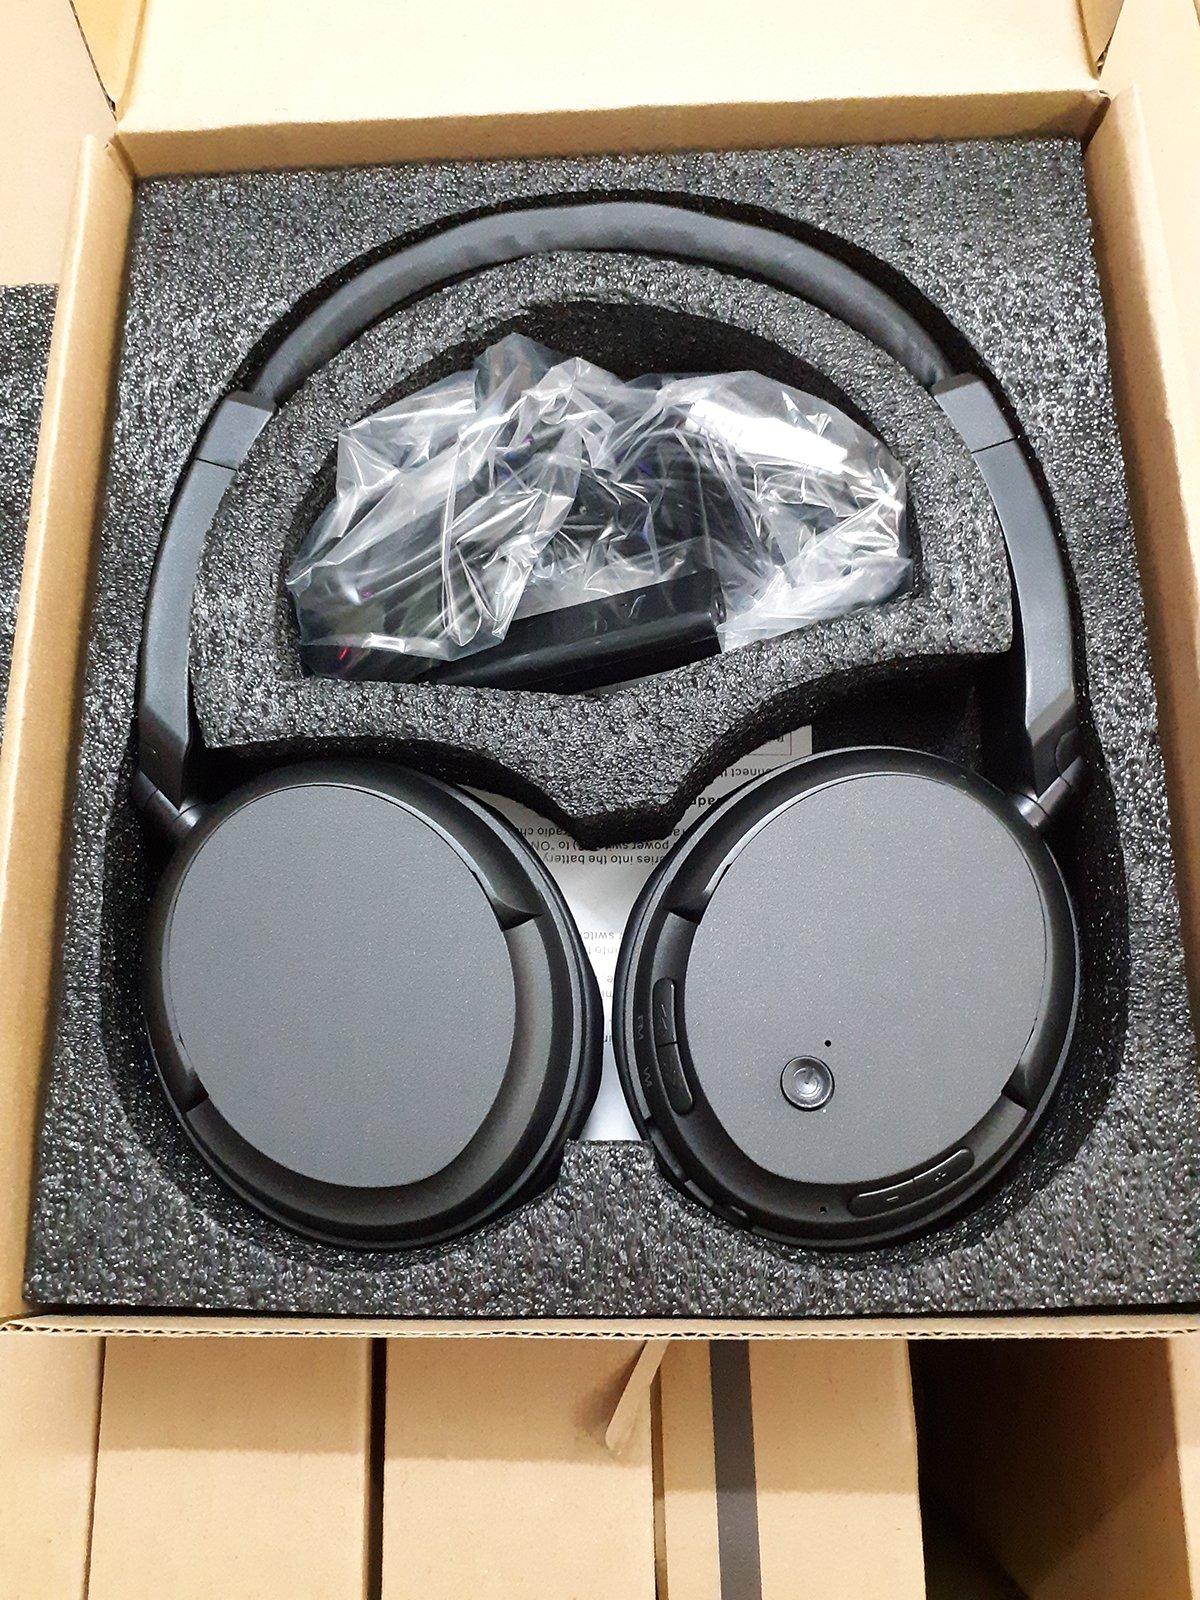 Hướng dẫn sử dụng tai nghe không dây cho tivi 900st